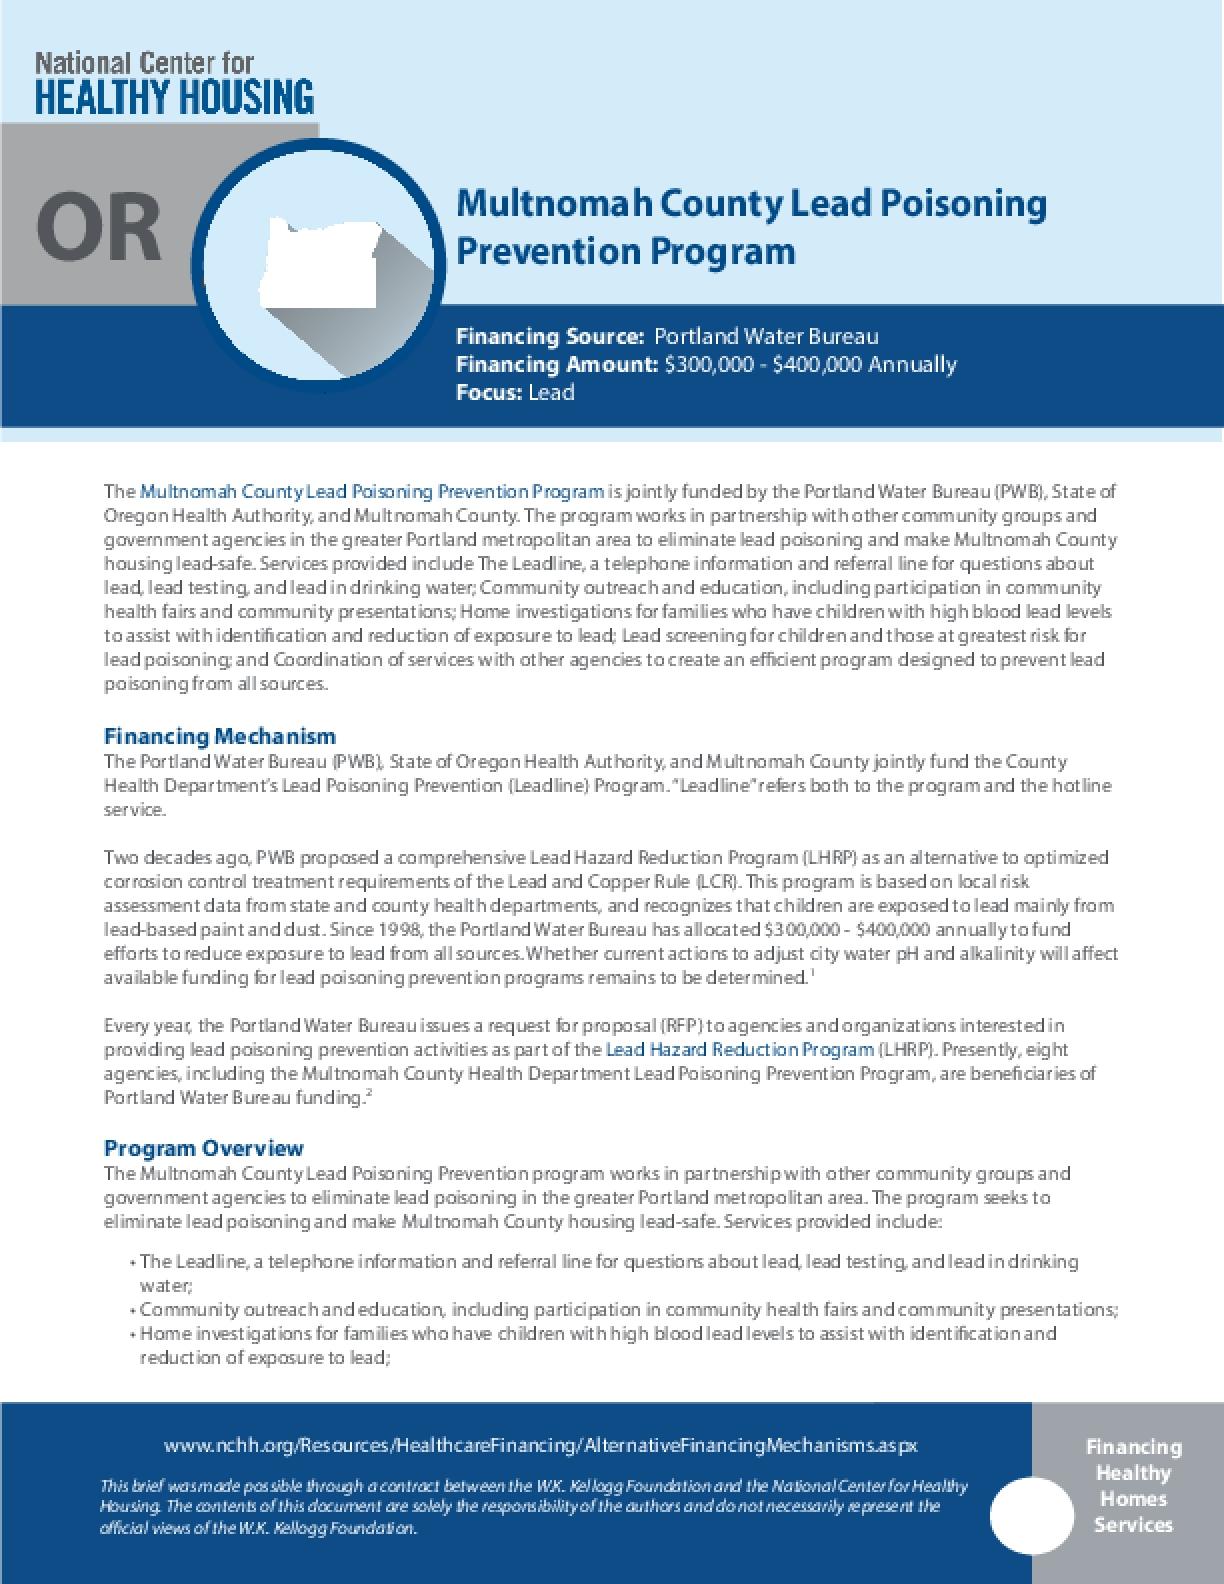 Multnomah County Lead Poisoning OR Prevention Program